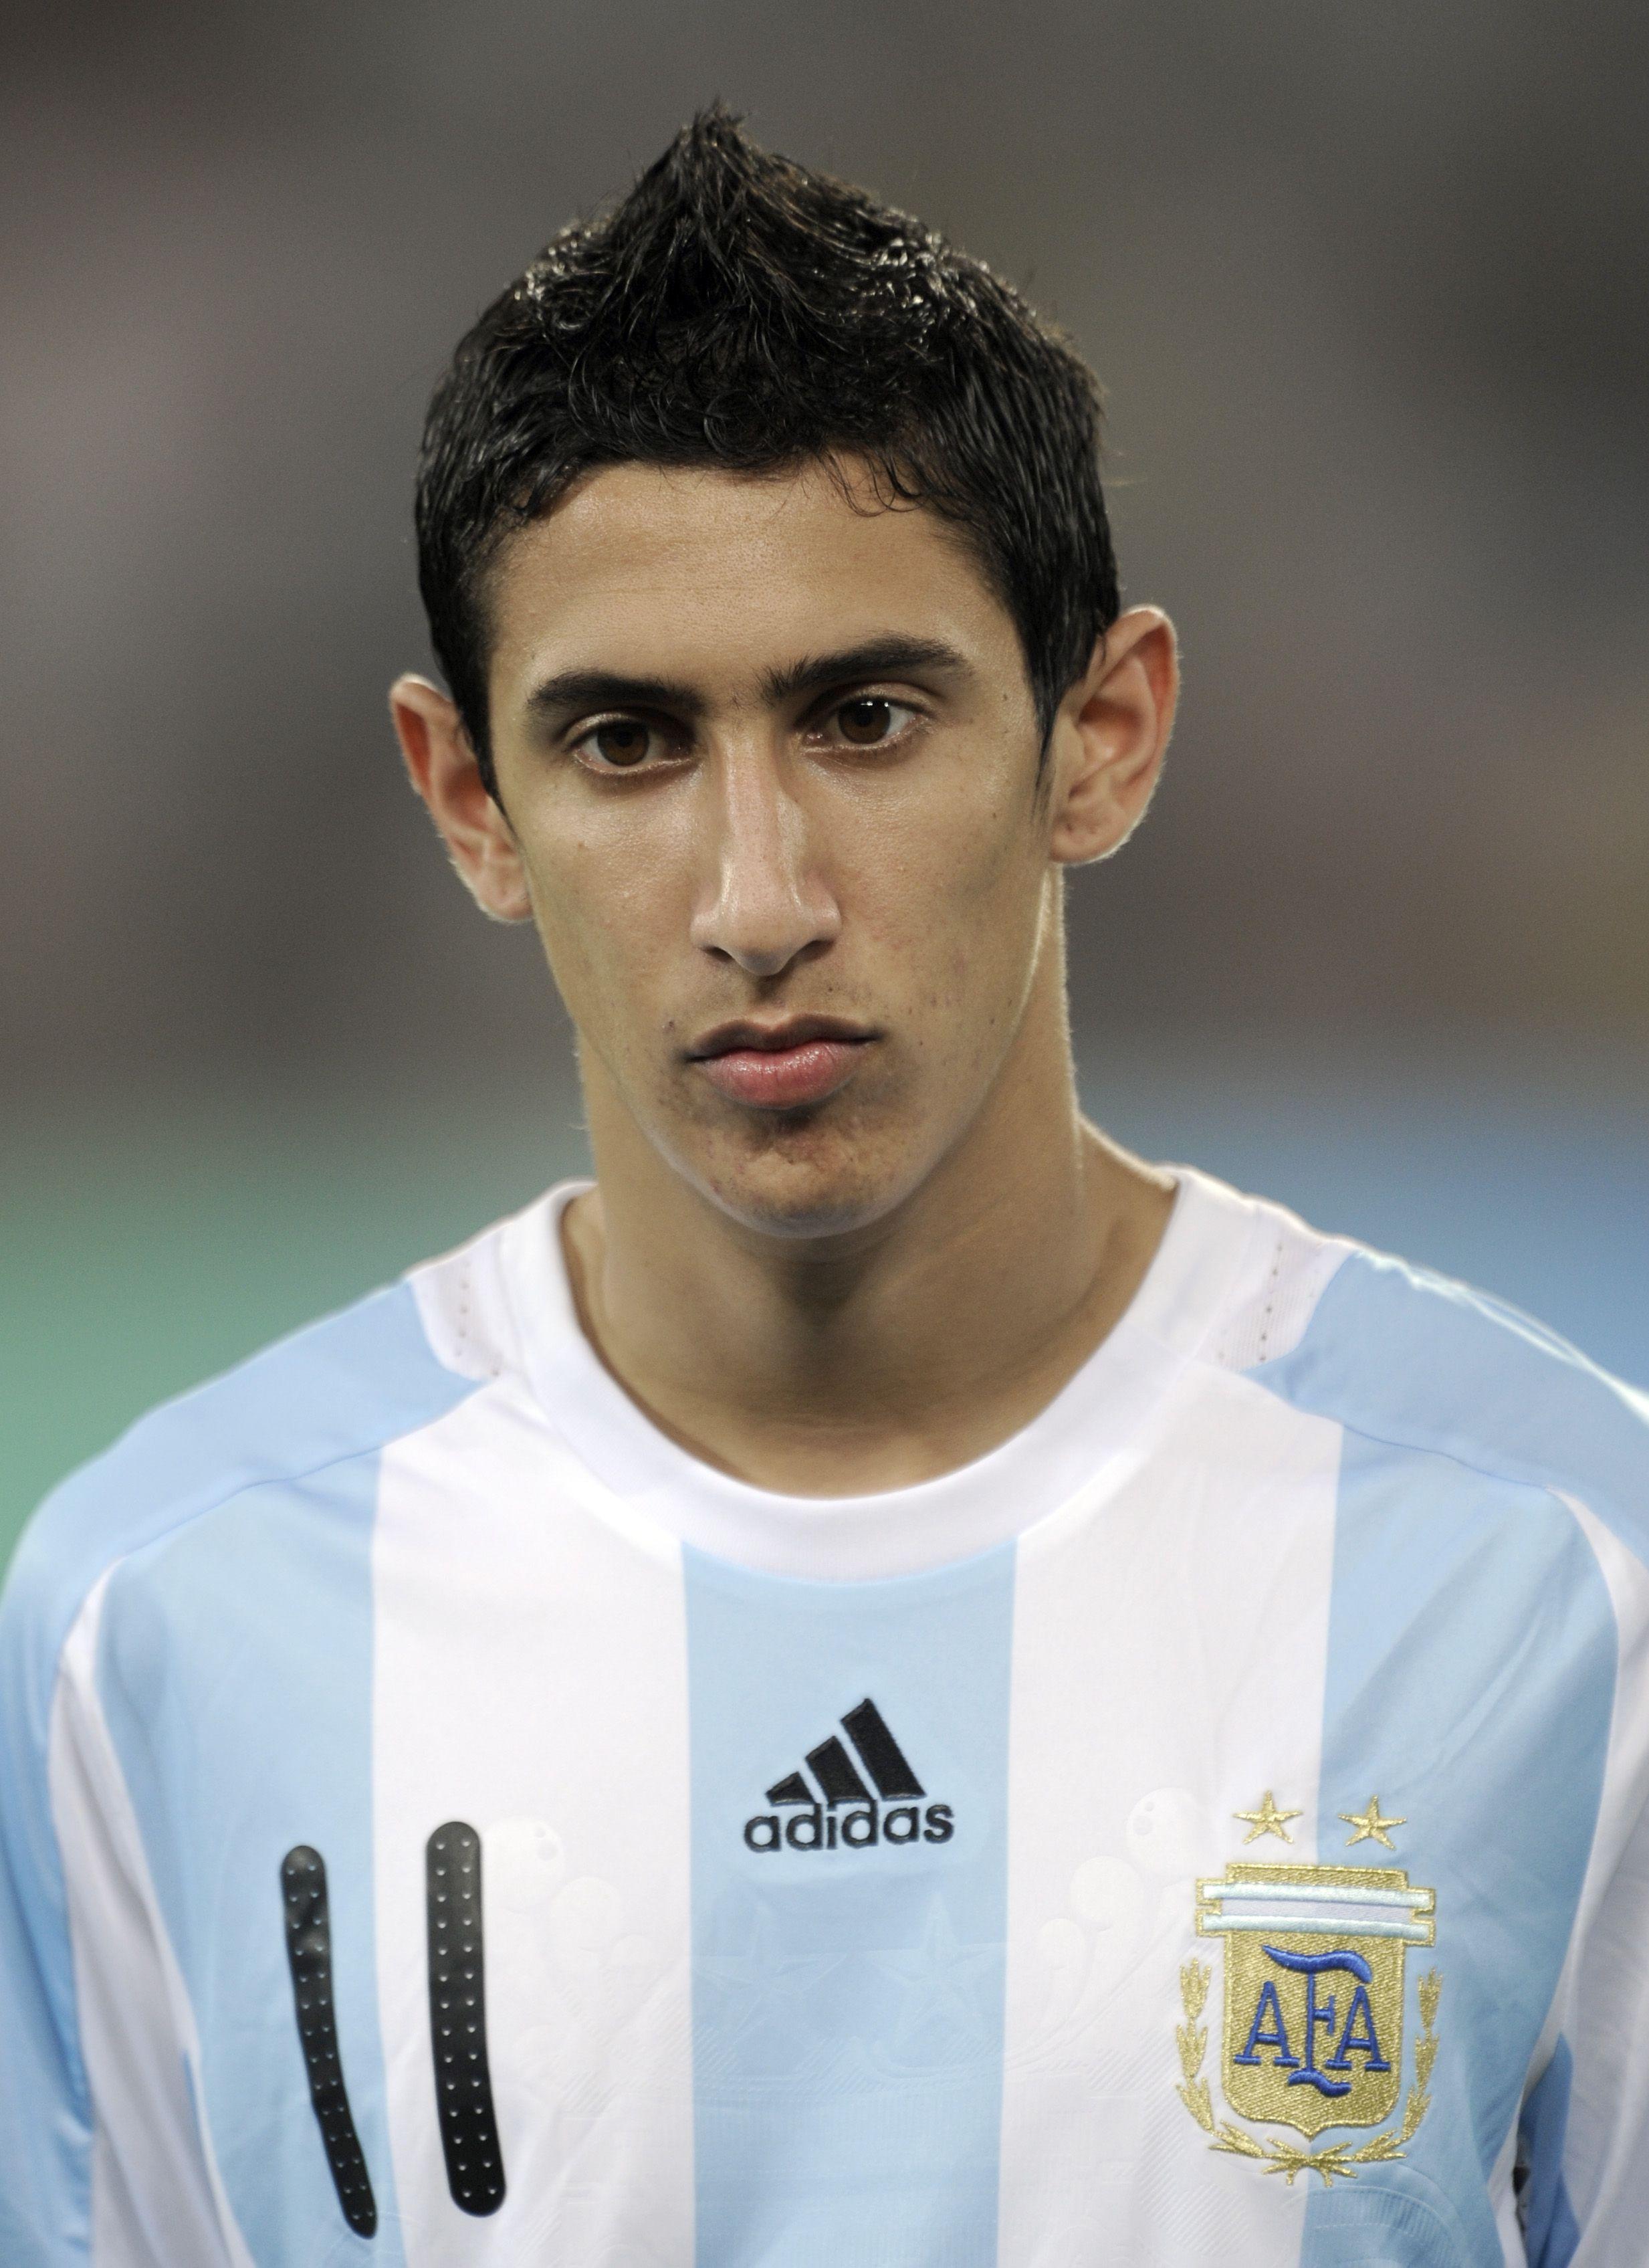 Este jugador es ngel Di Mara él es el centrocampista en el